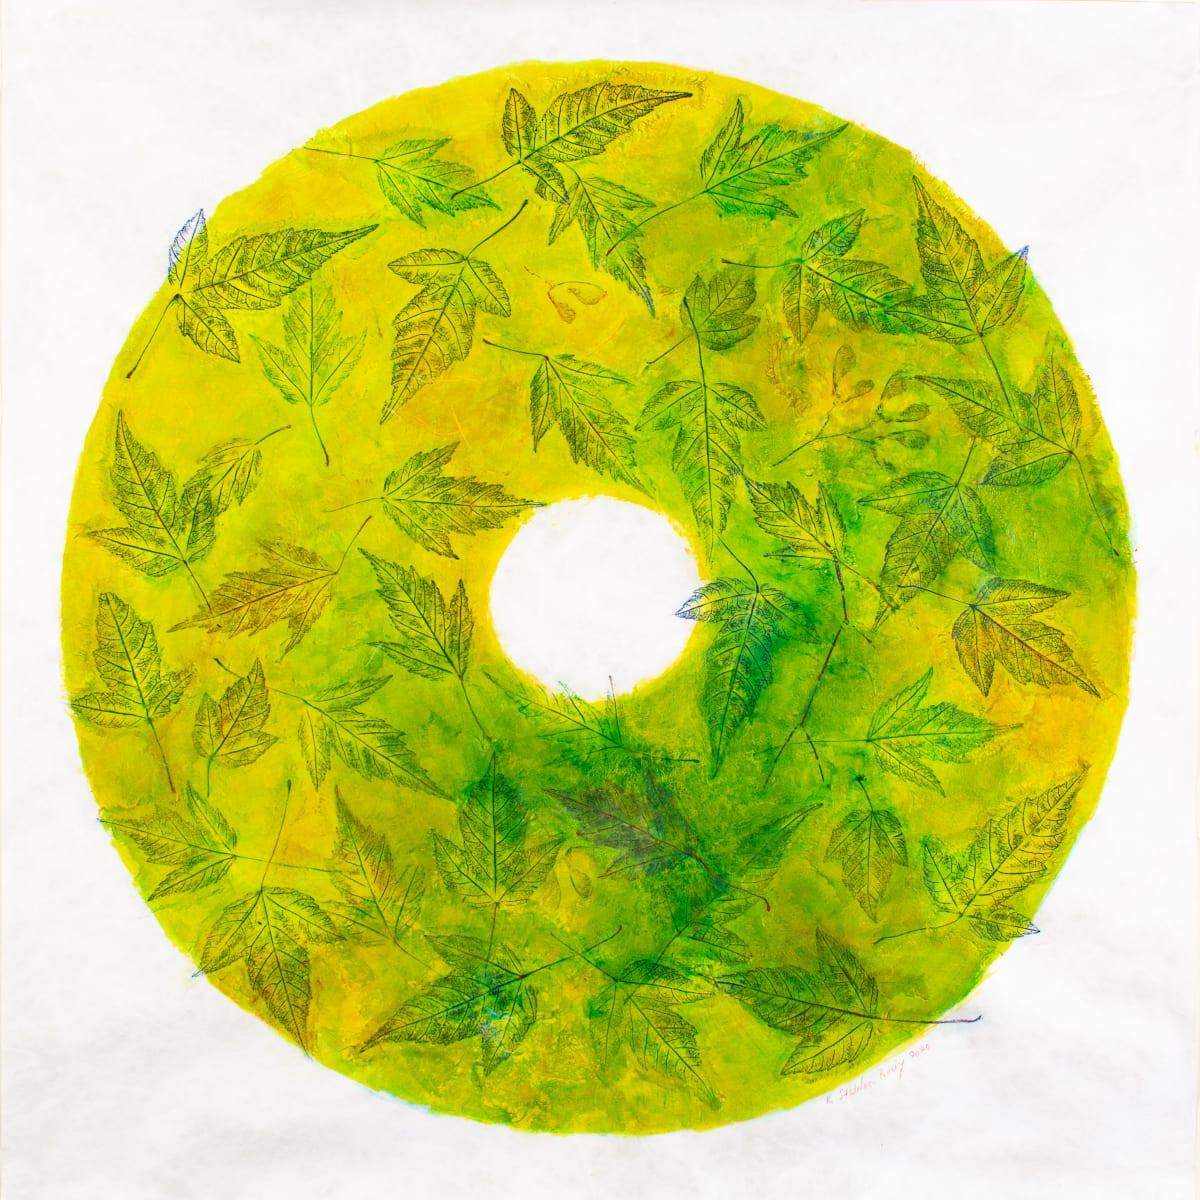 Respirations: Amur Maple by Katherine Steichen Rosing